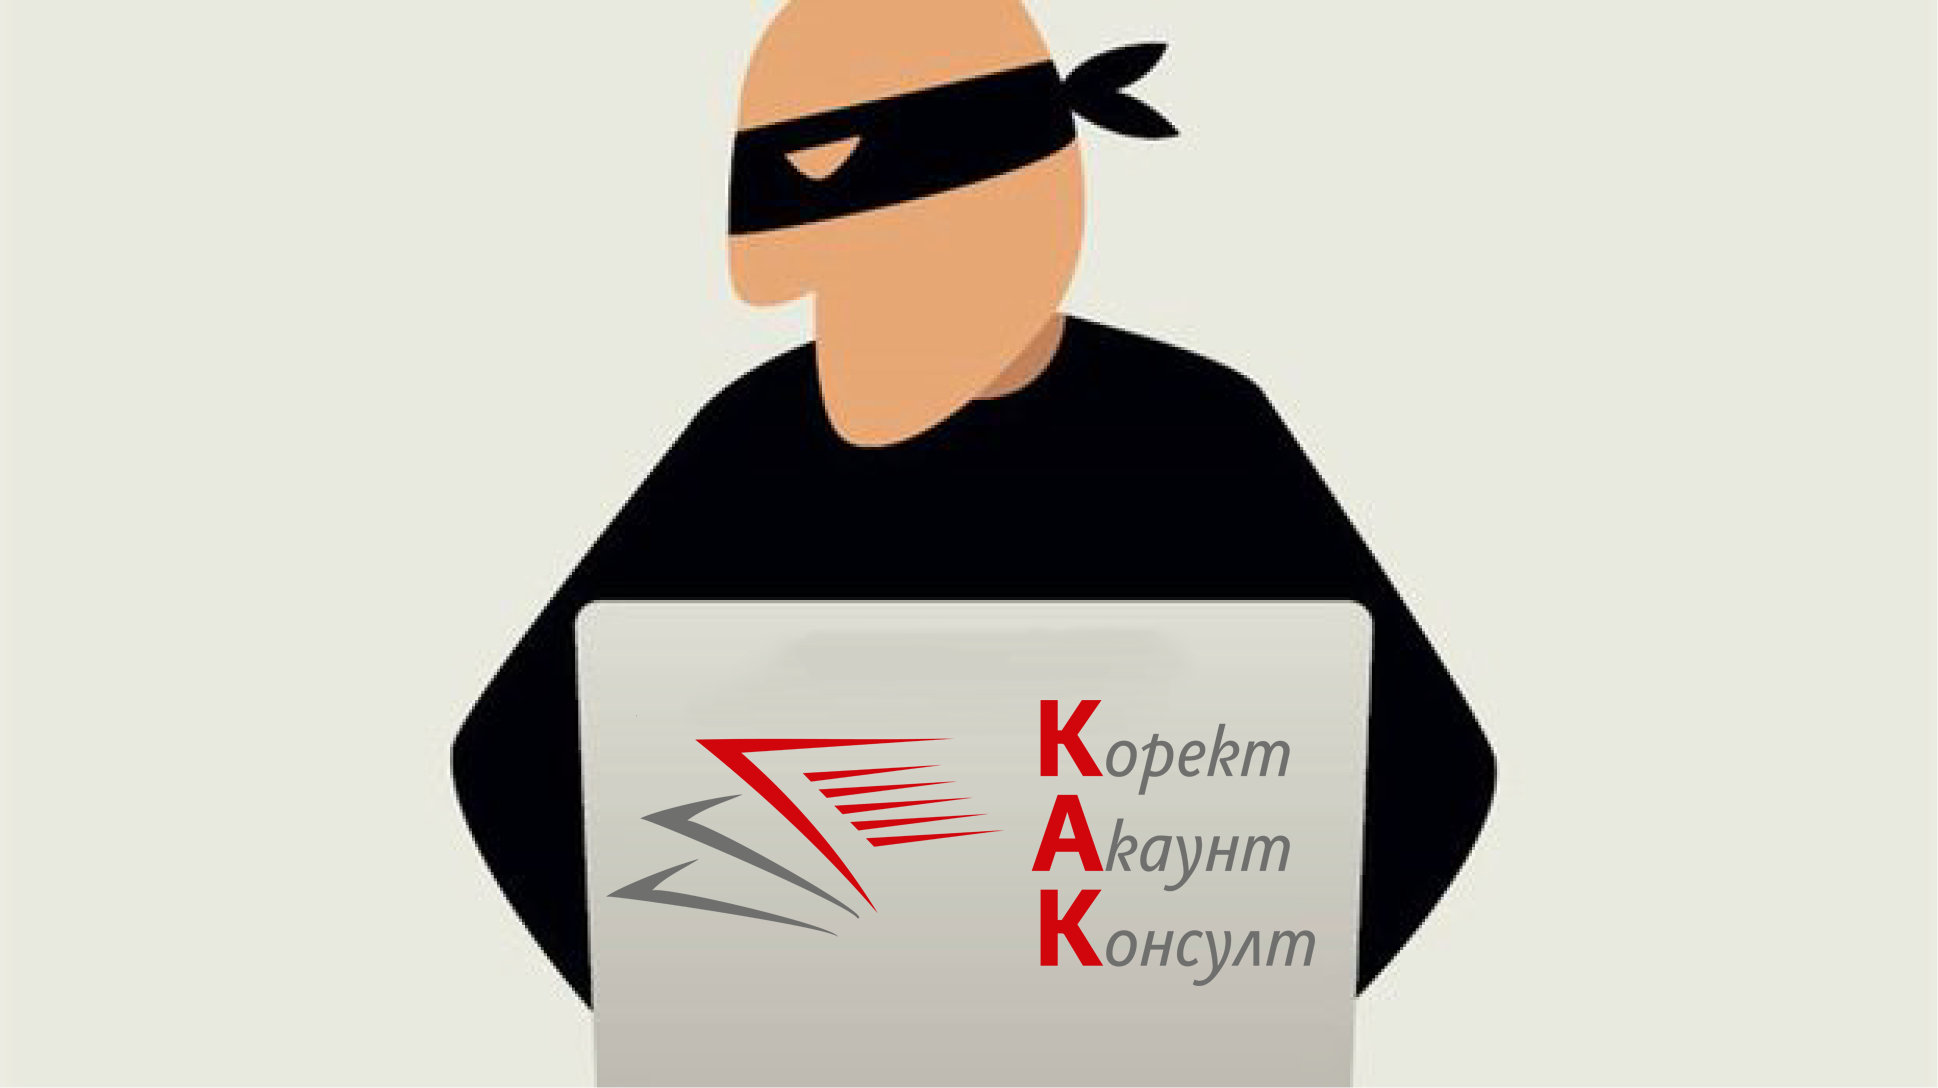 Българската и гръцката данъчни администрации подобряват обмена на информация за борба с данъчните измами